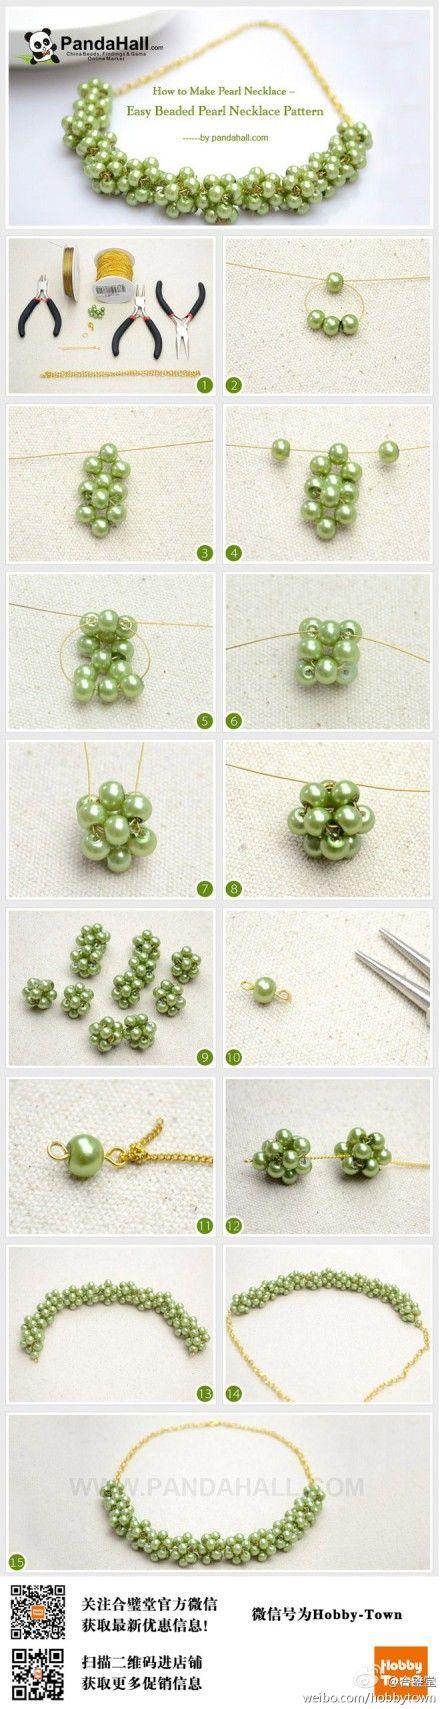 #DIY分享#用串珠制作属于自己的专属项链,快来试试吧~